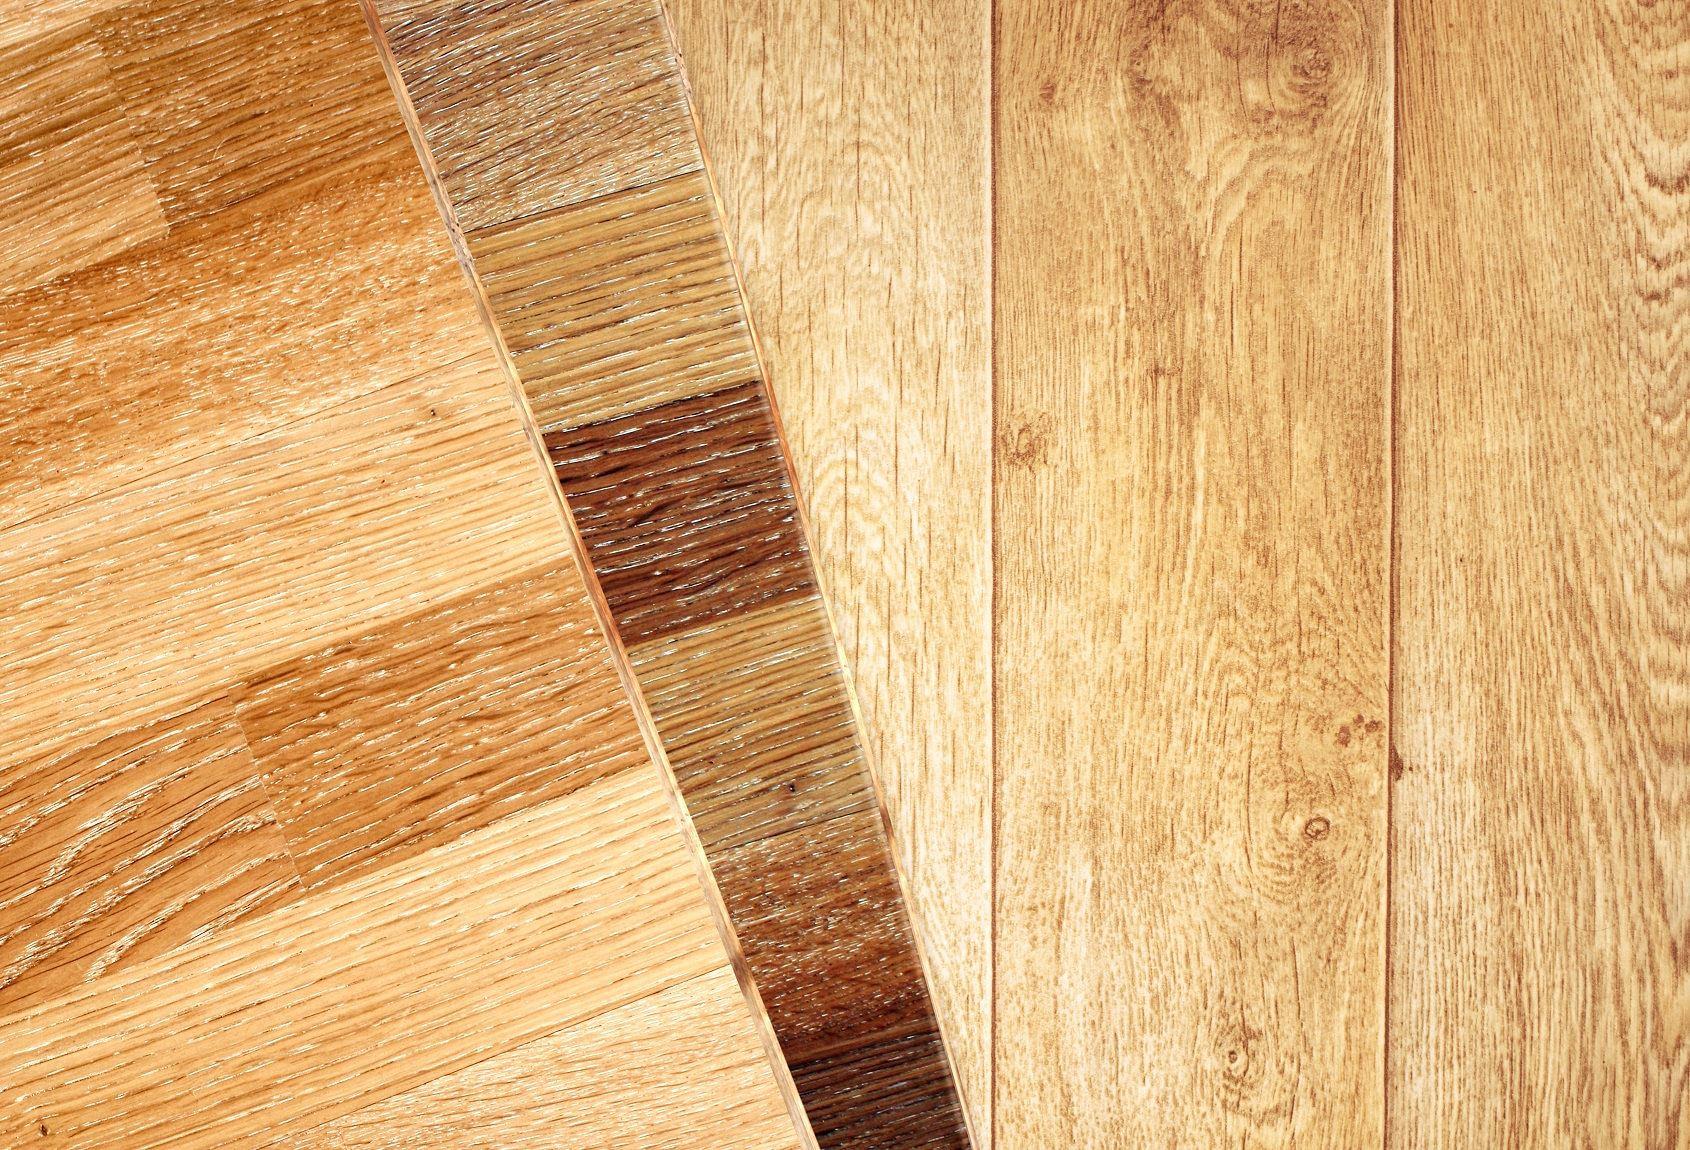 Houten Vloeren Roermond : De mooiste houten vloeren in roermond